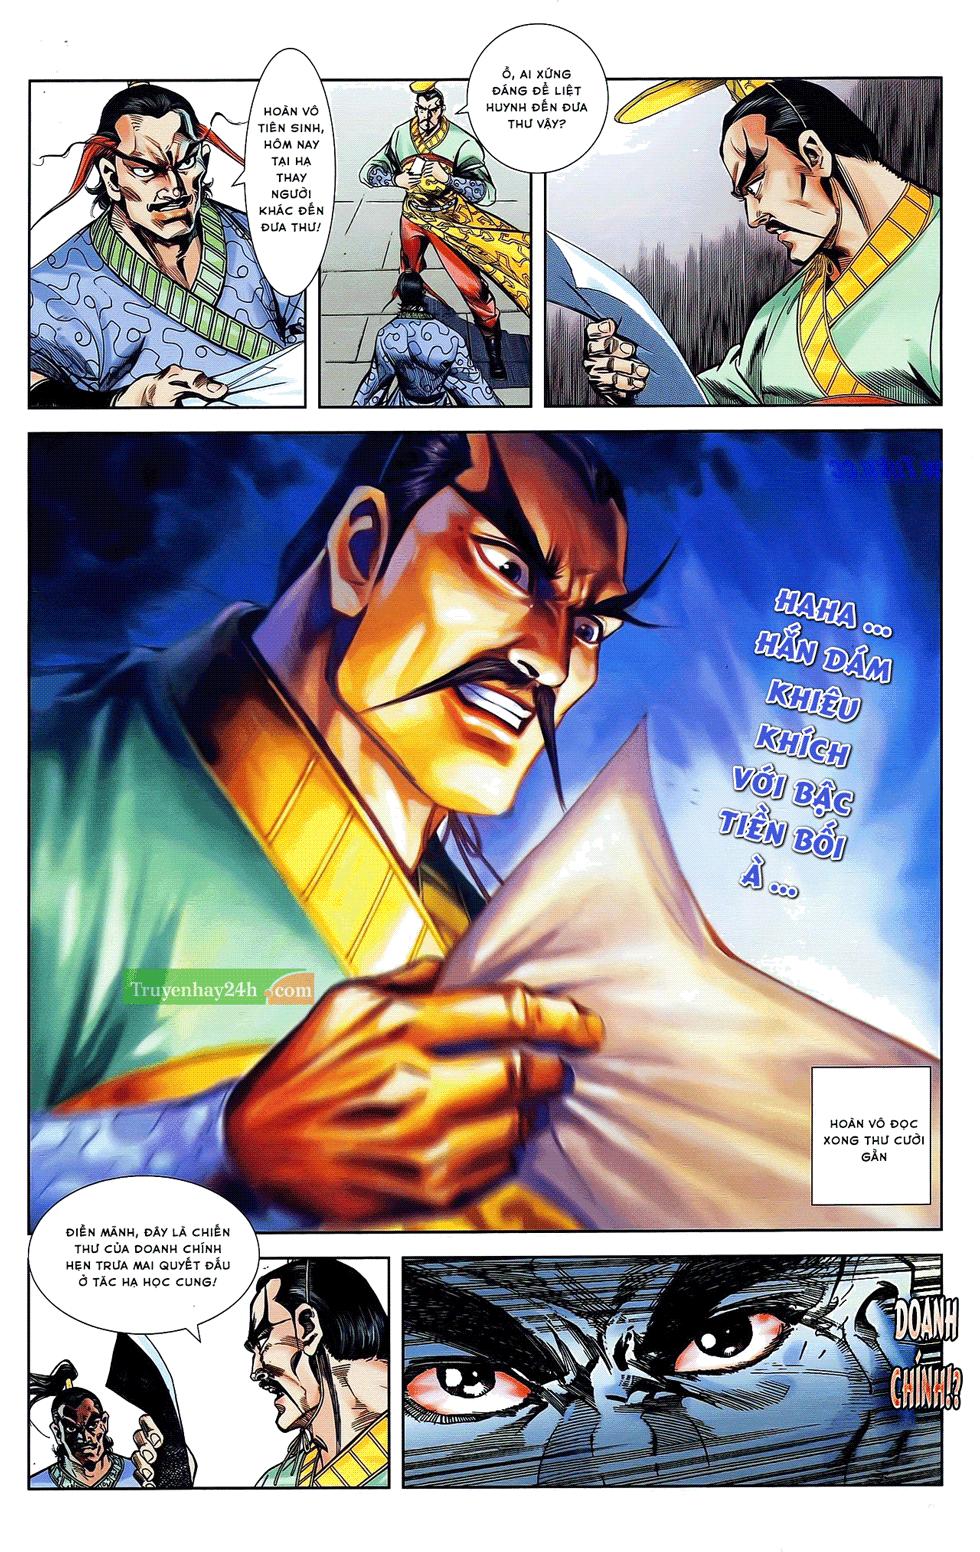 Tần Vương Doanh Chính chapter 21 trang 30